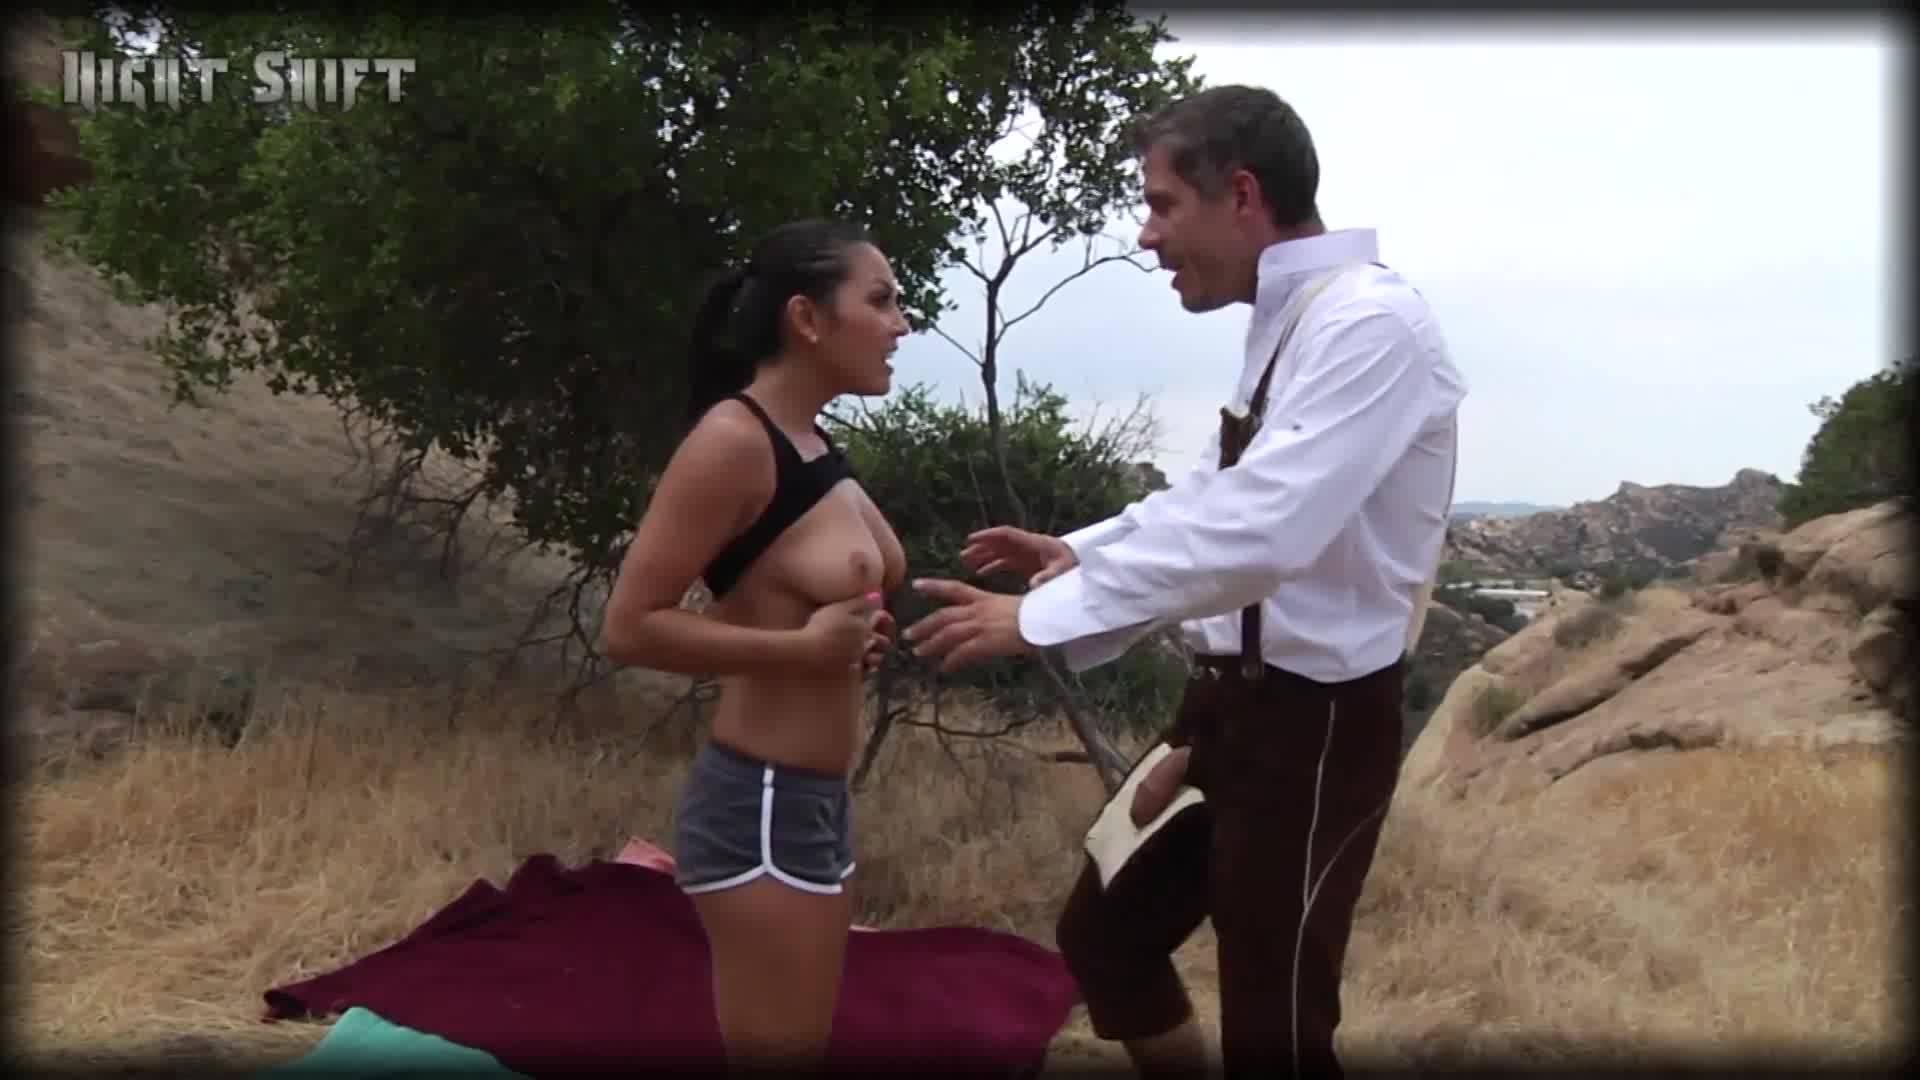 Турист горячо трахнул на природе местную девушку